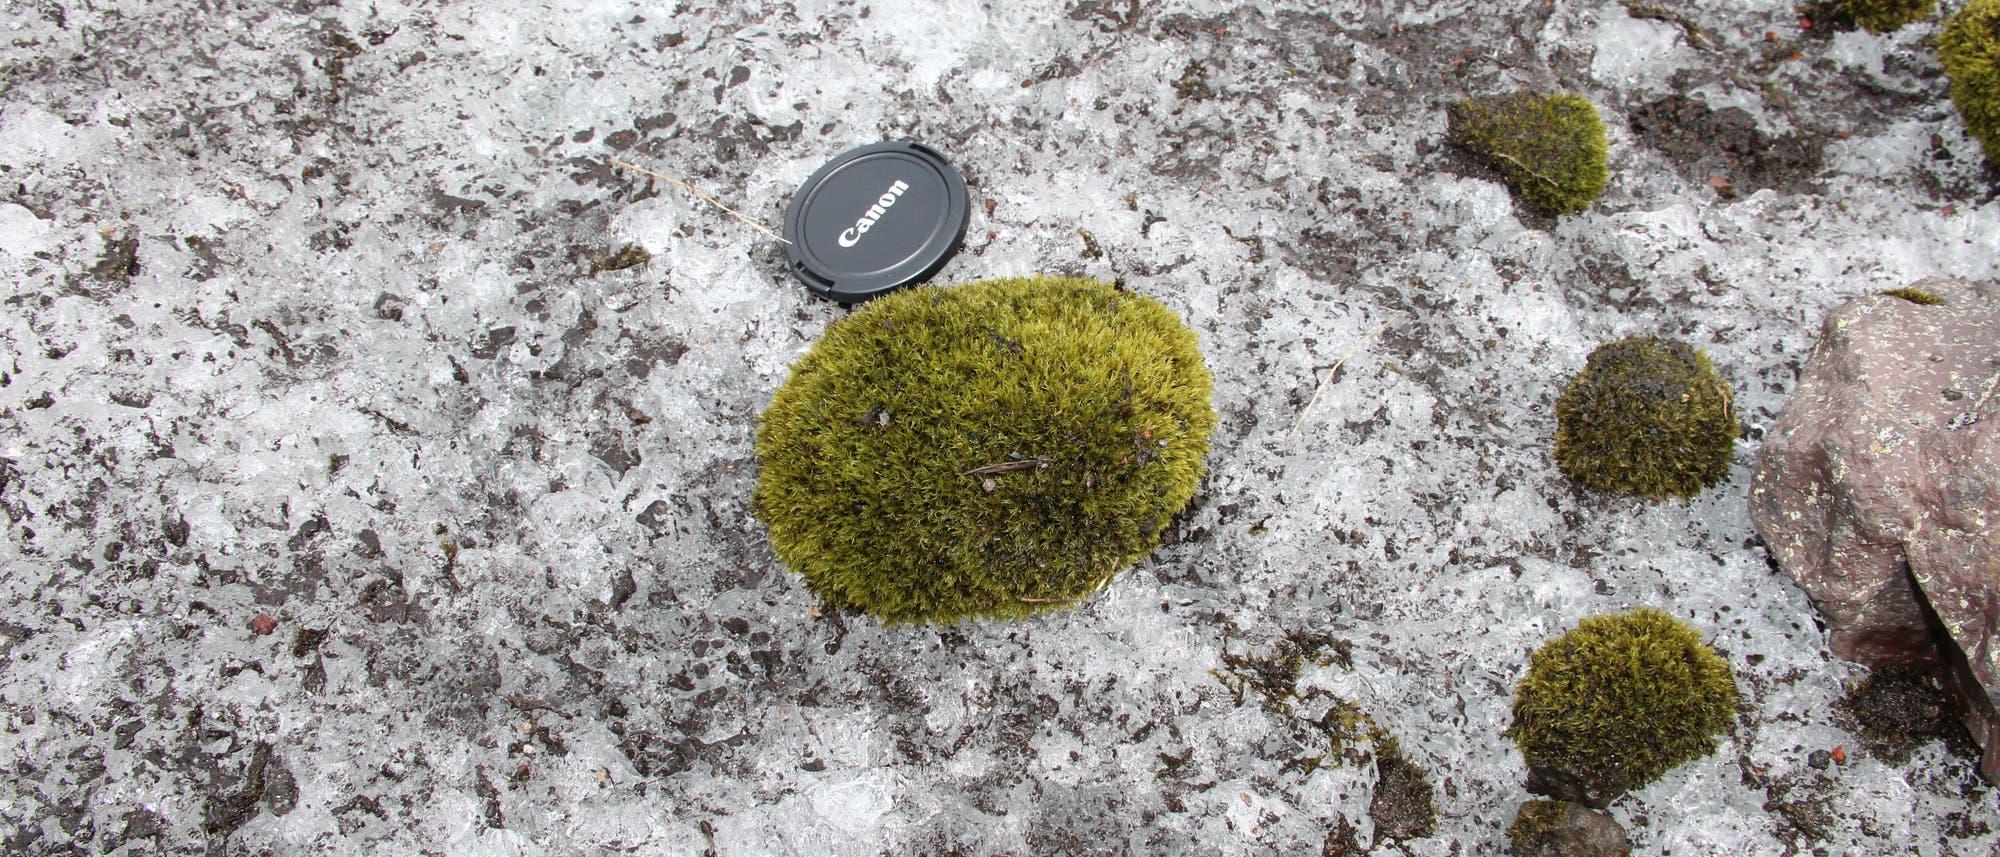 Moosbälle auf einer Eisoberfläche, Kameradeckel als Größenvergleich.